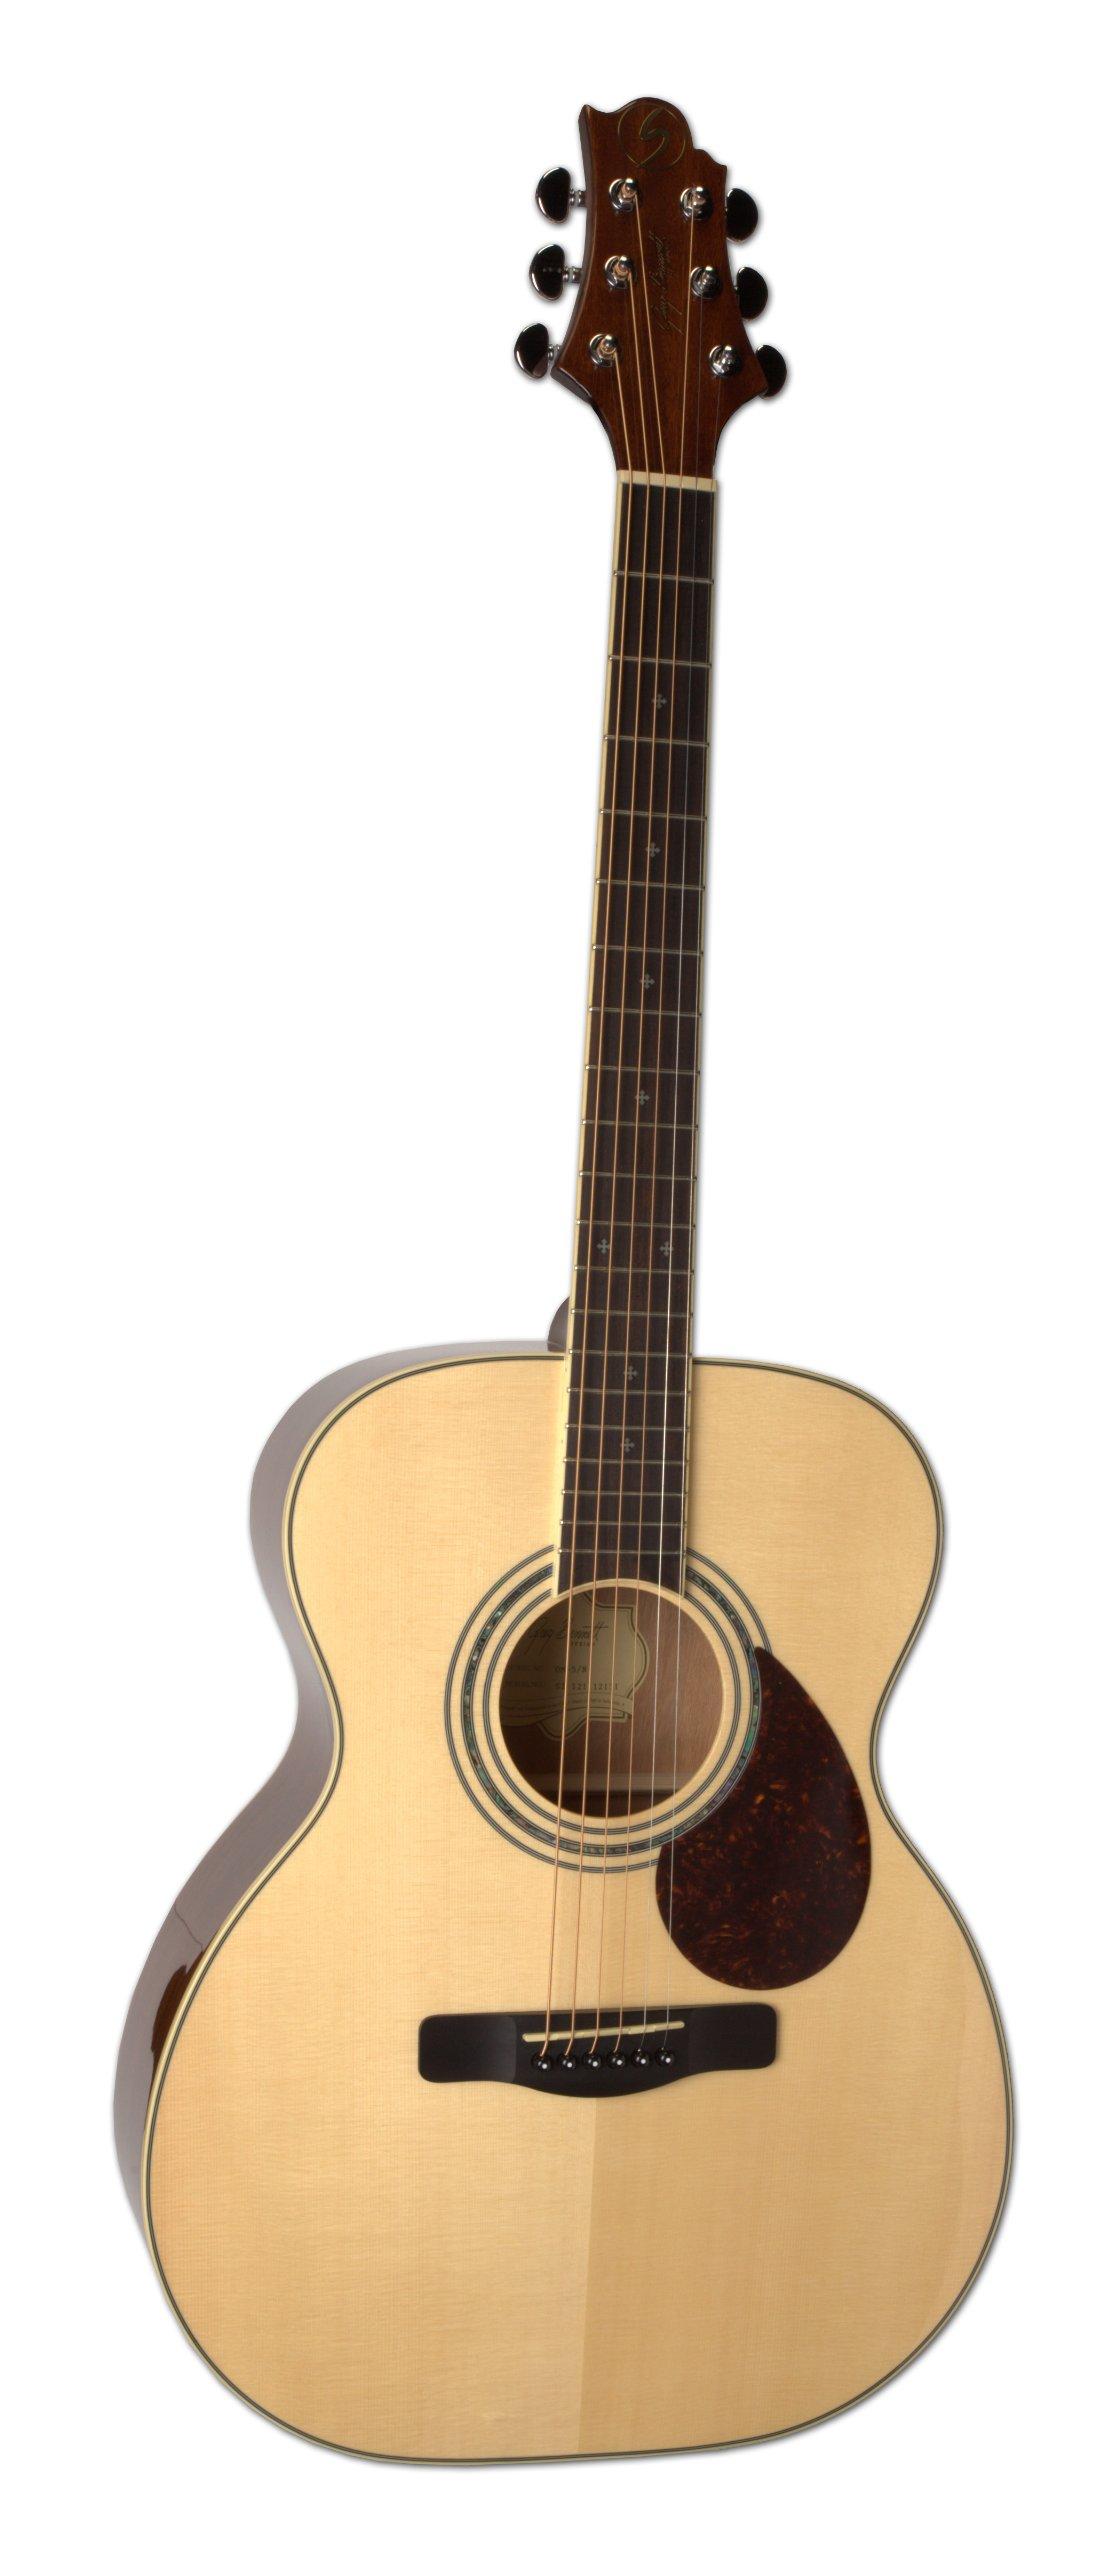 Samick Greg Bennett Design OM5 Acoustic Guitar, Natural by Samick